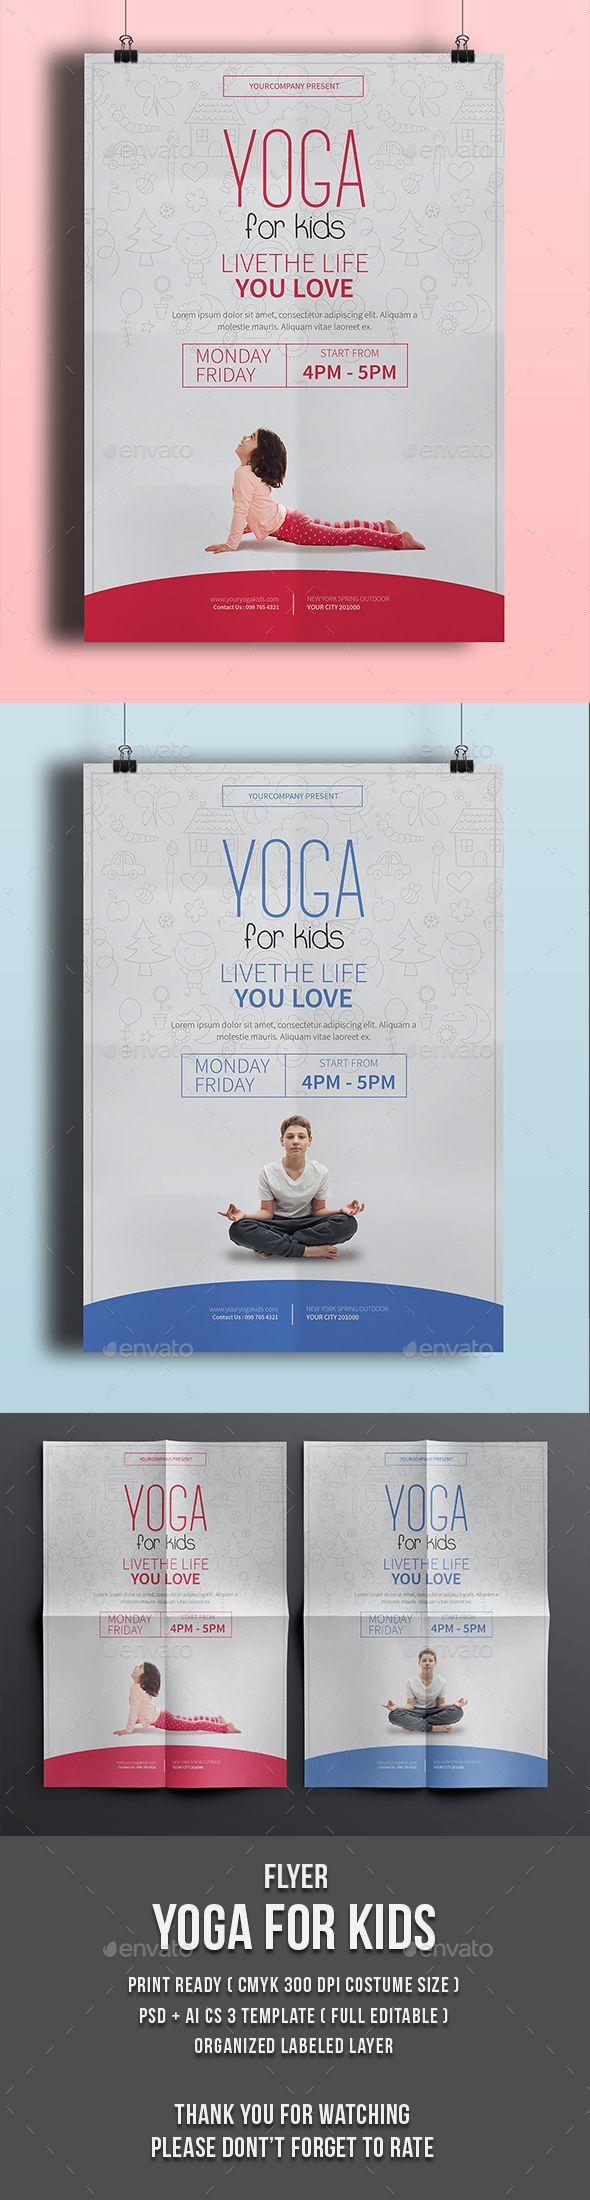 Zumba flyer design zumba flyers - Yoga Flyer